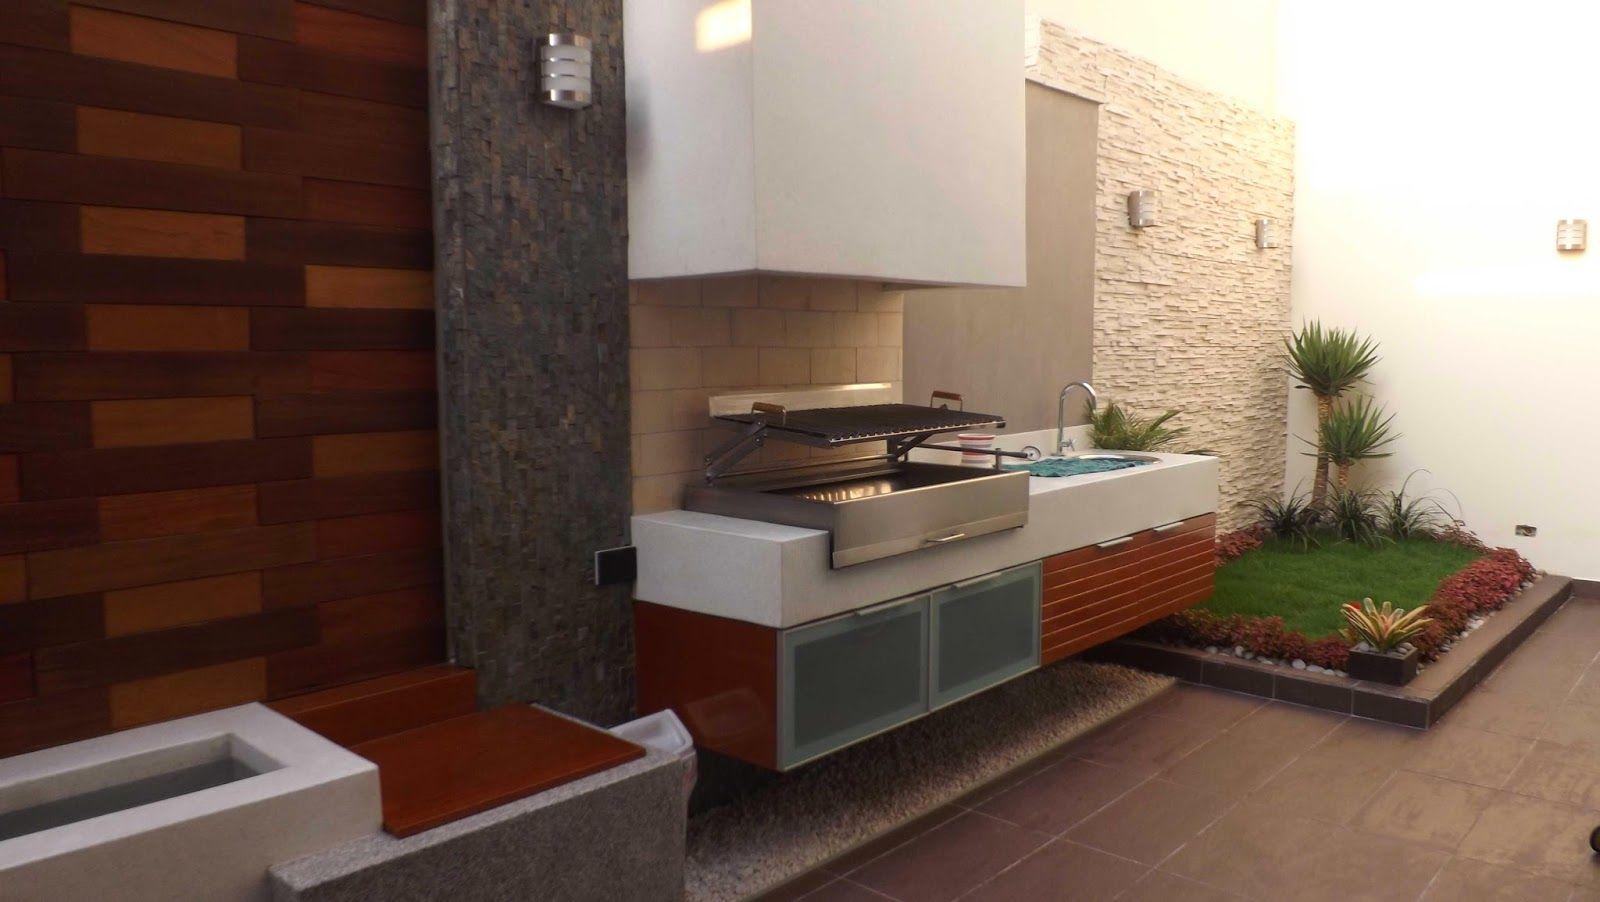 Disenos de parrilla parrilla en terraza de primer piso for Barbacoa patio interior